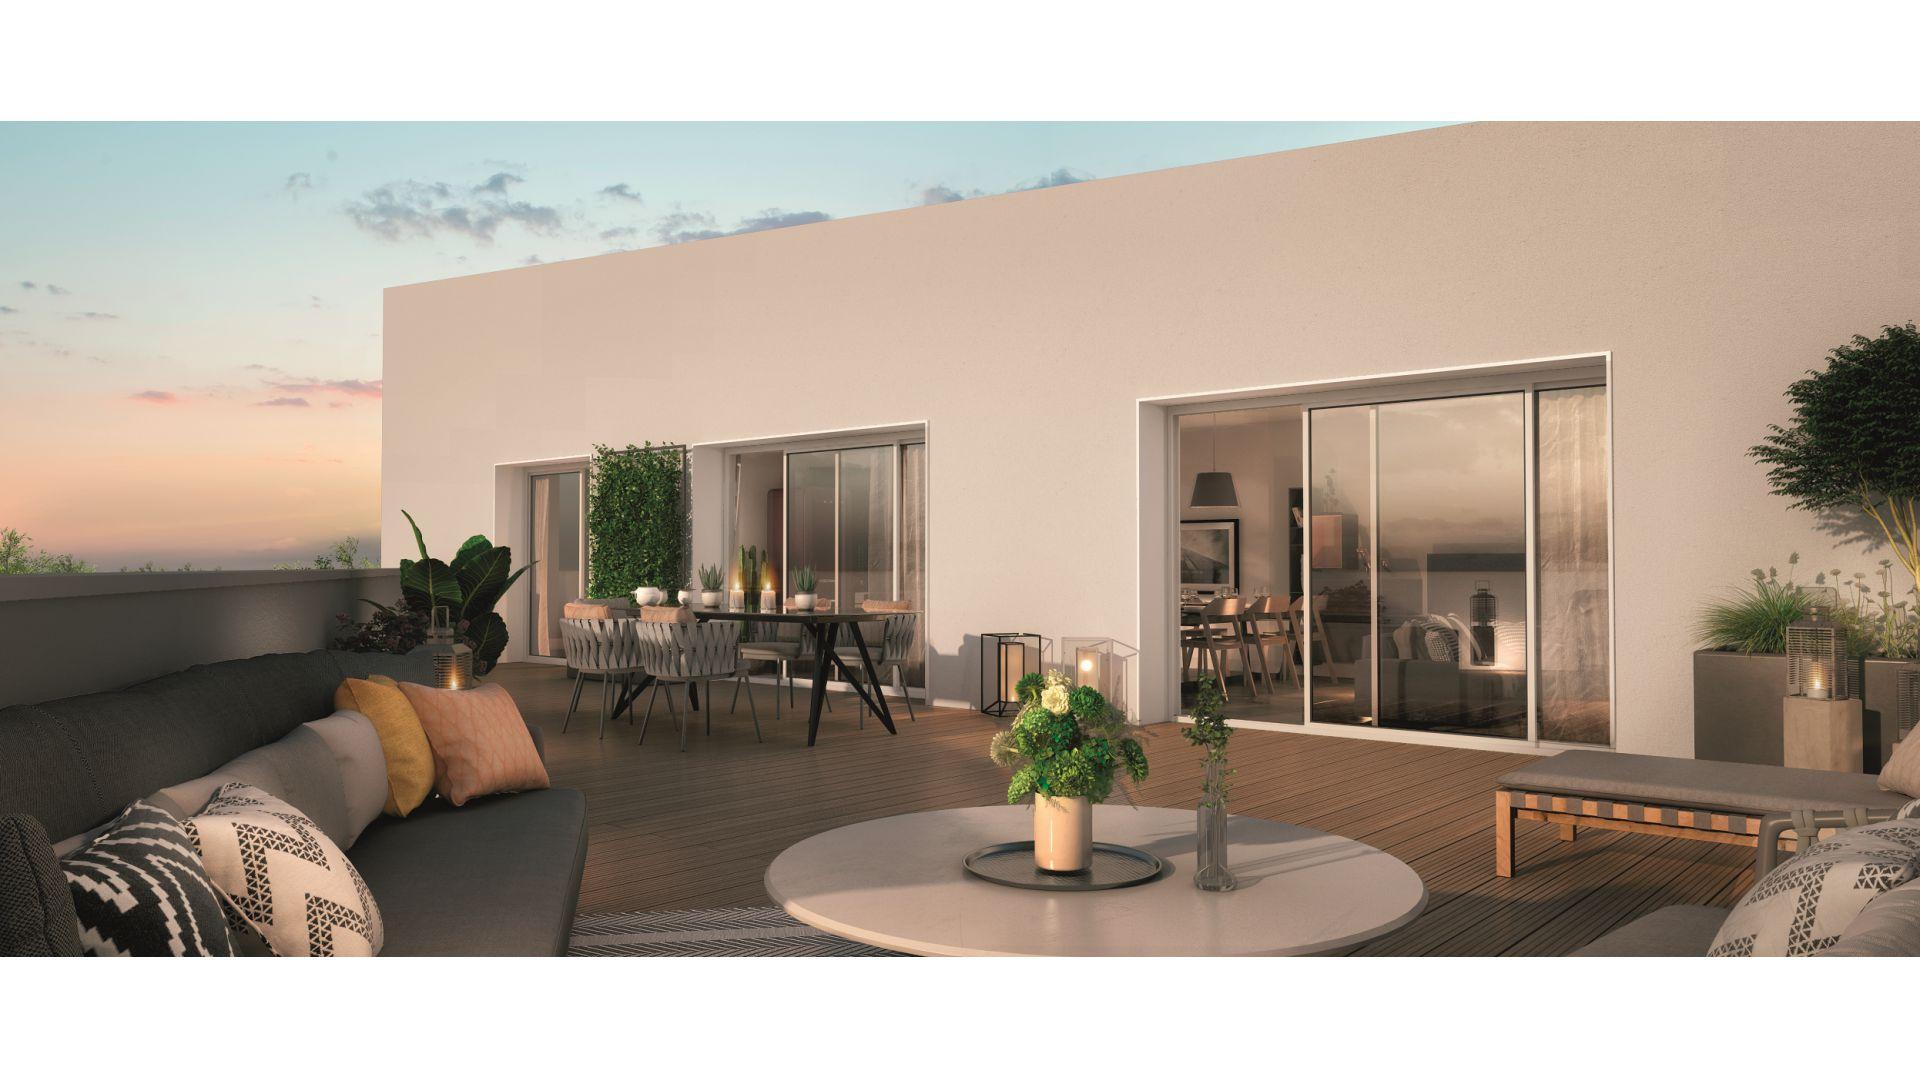 GreenCity immobilier - Blagnac-Beauzelle - 31700 - LB47 - appartements et villas - T2 - T3 - T4 -T5 - vue terrasse